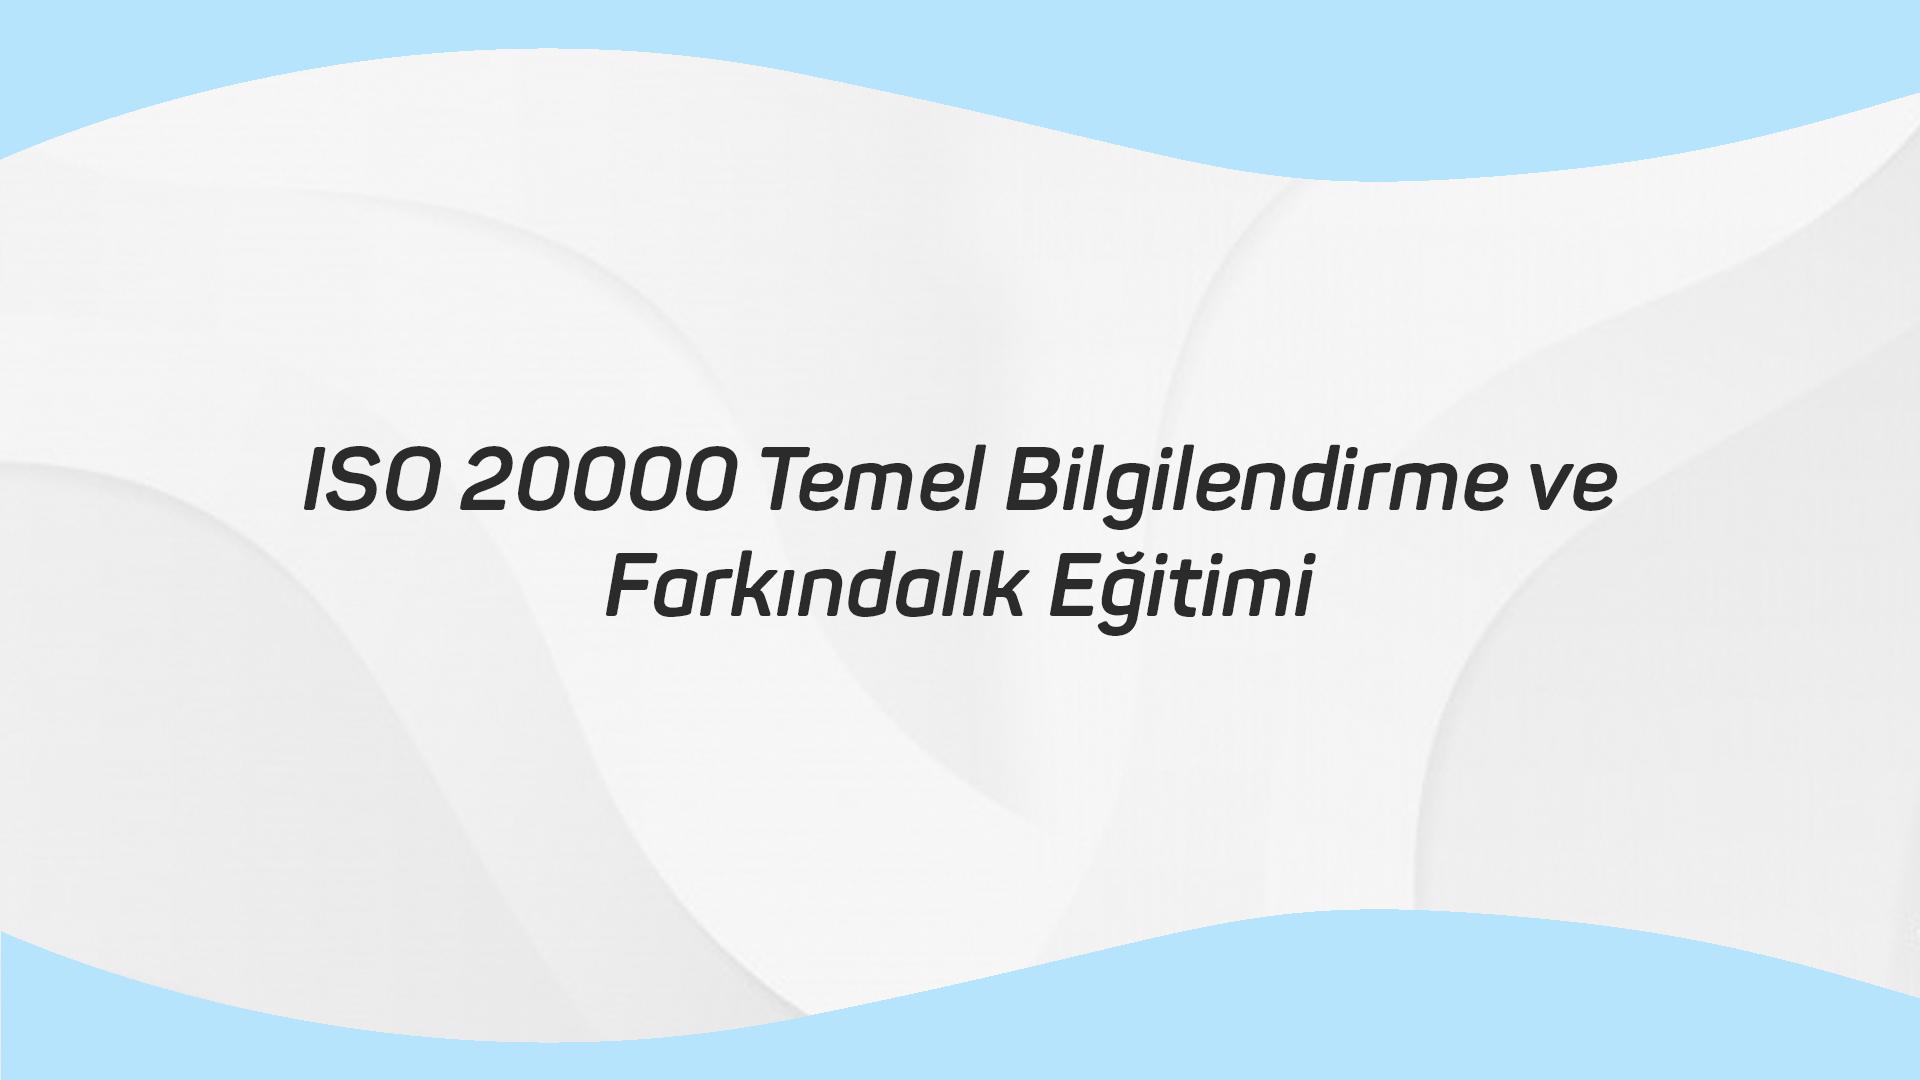 ISO 20000 Temel Bilgilendirme ve Farkındalık Eğitimi